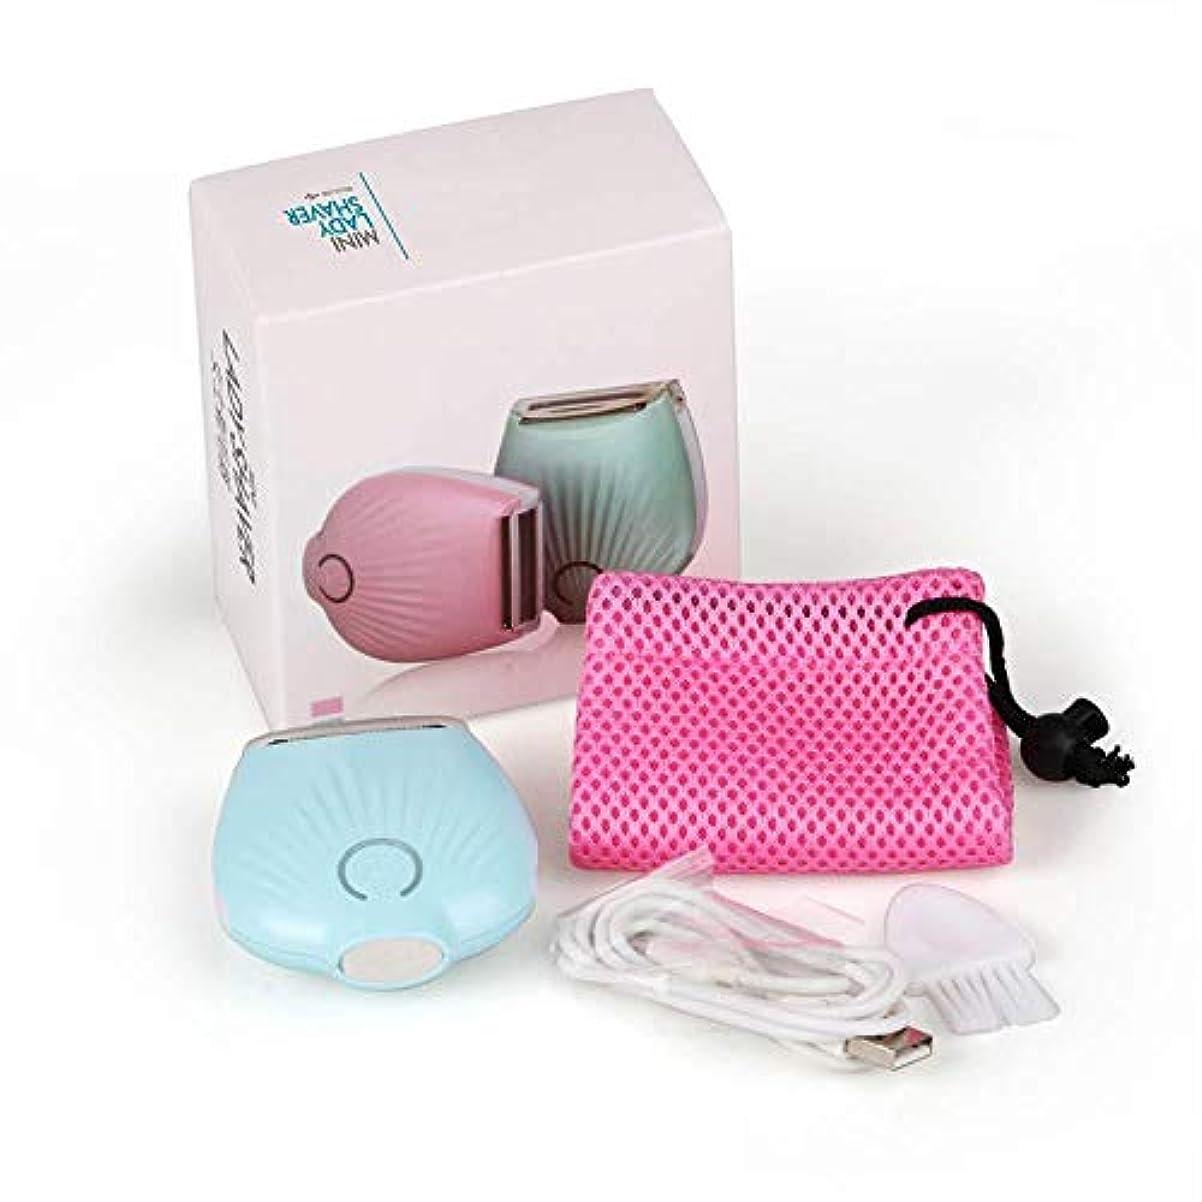 推論ボール特定の女性のための脱毛器、USBミニレディー脱毛器ビキニトリマー痛みのないボディフェイシャルボディ脱毛シェーバー用フェイシャルボディ脇の下レッグシェーバー、ピンク,Pink